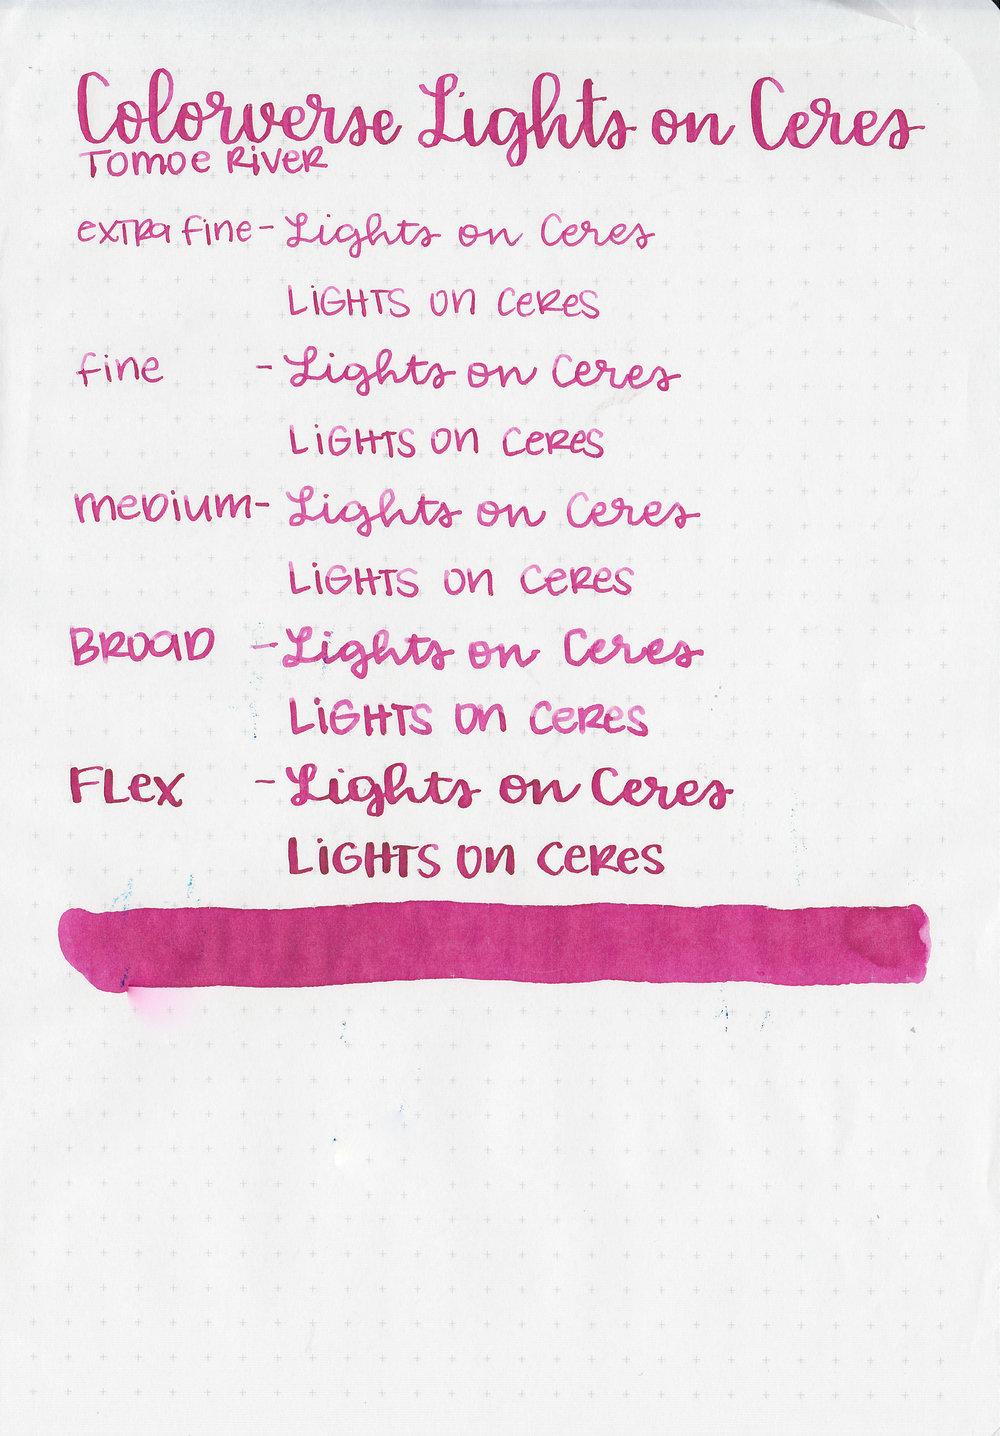 cv-lights-on-ceres-6.jpg